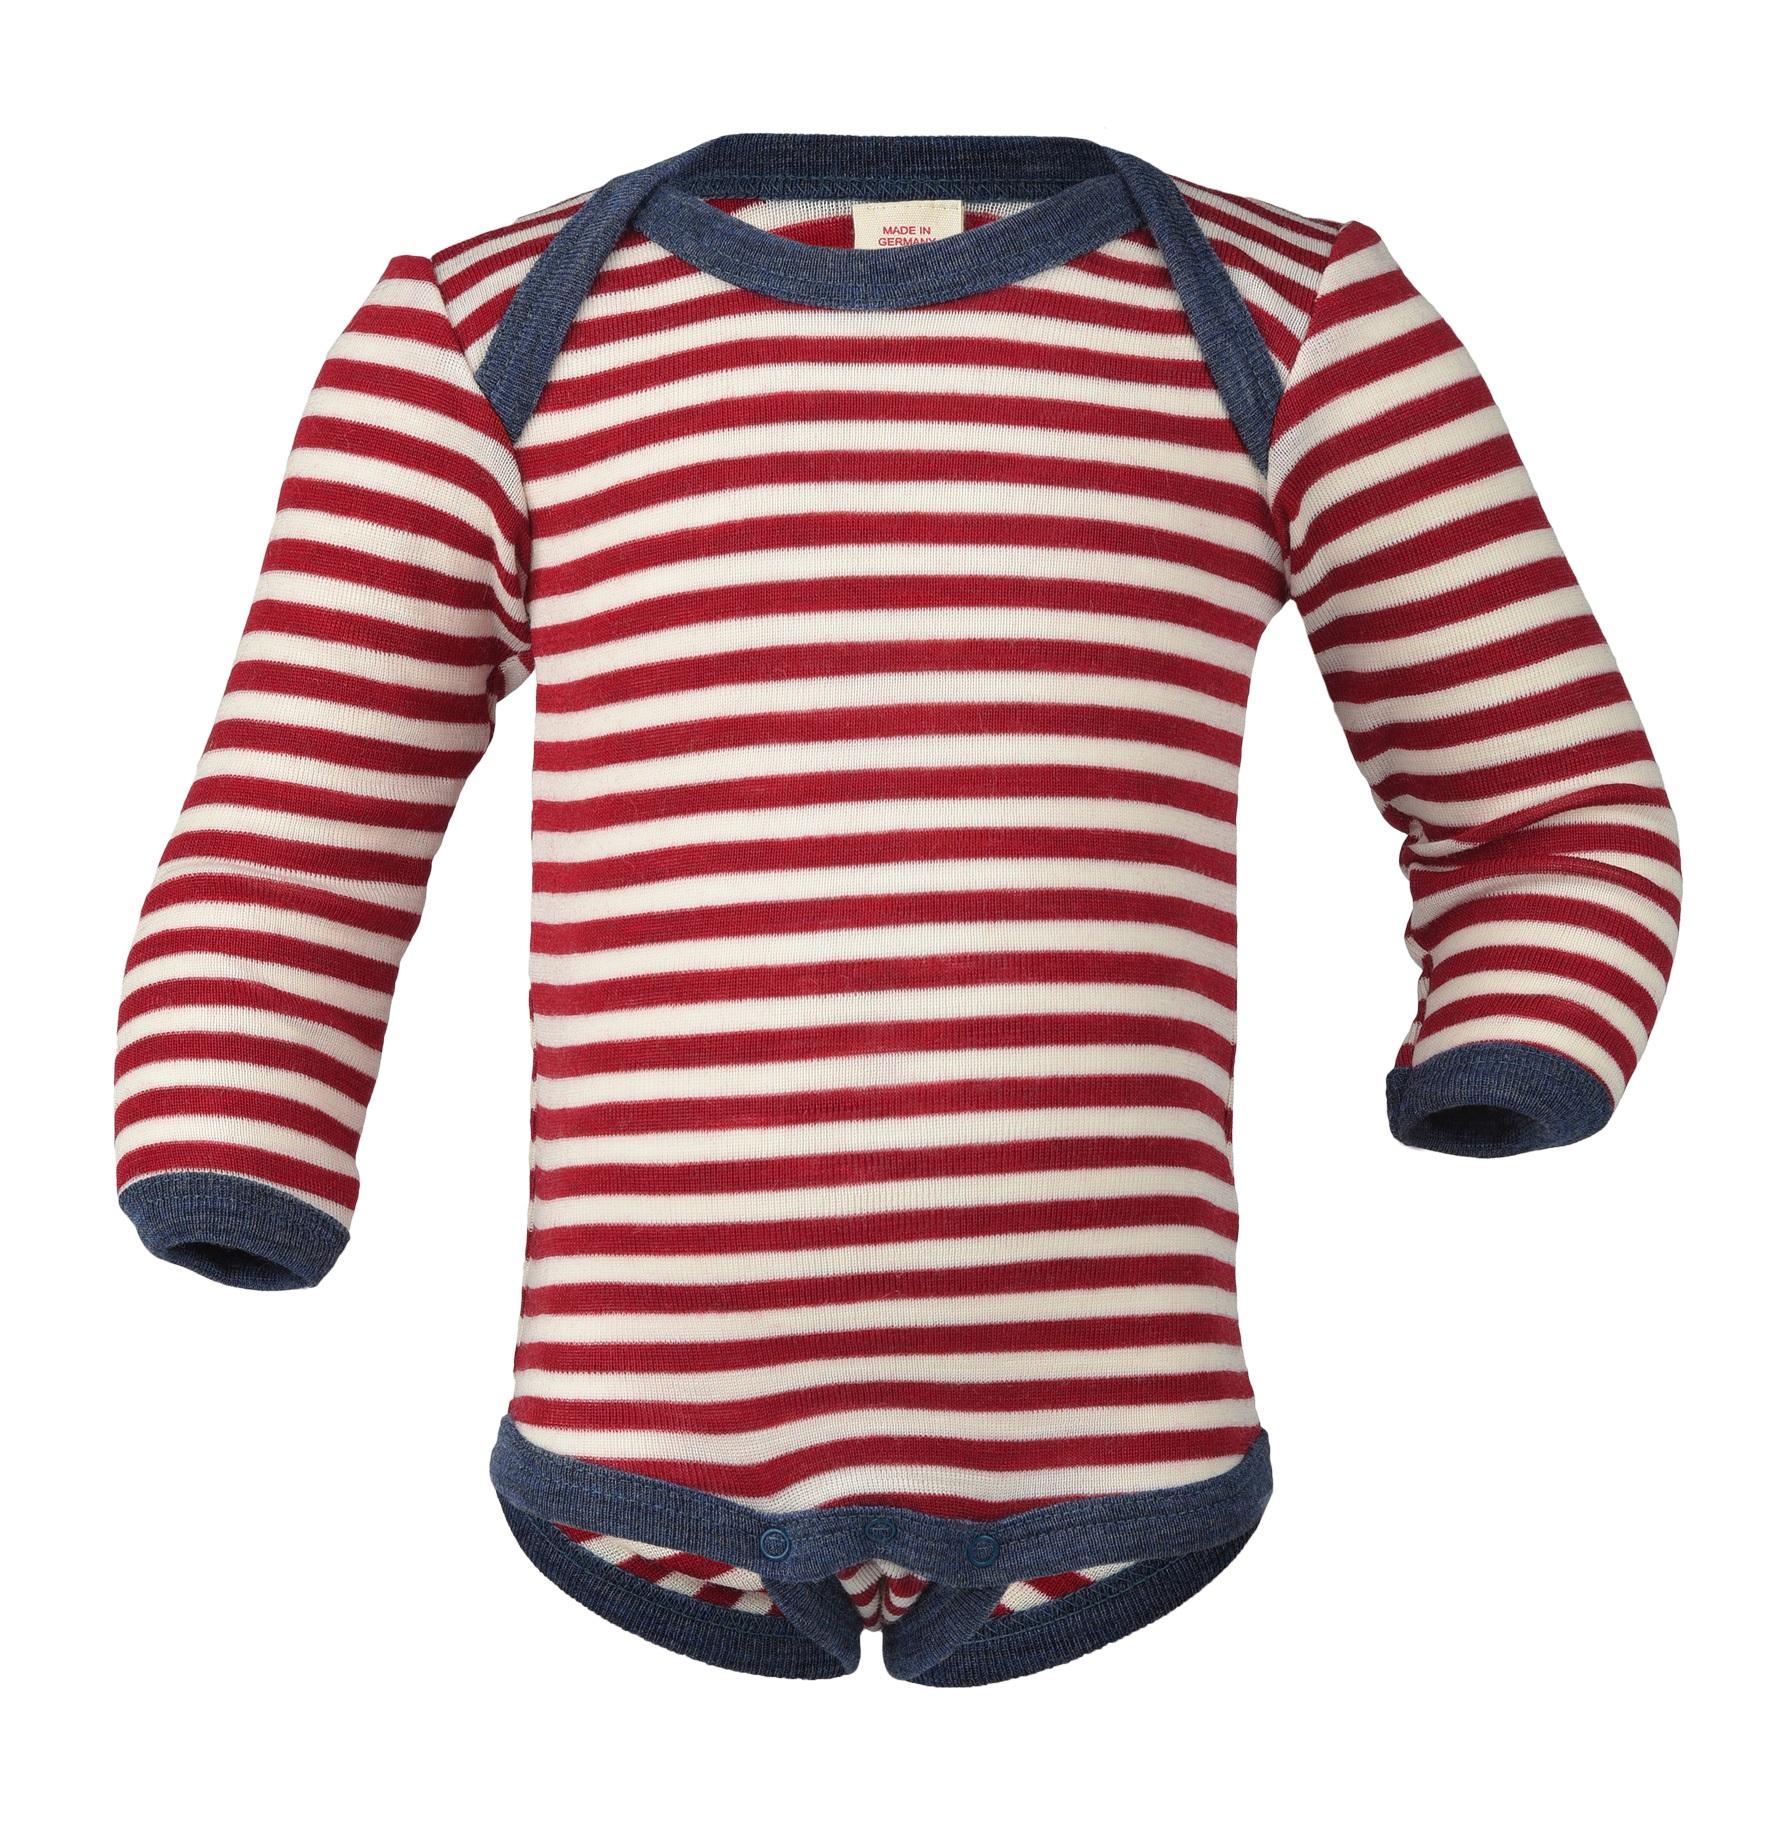 Sous-vêtements ENGEL Nouveauté - Body bébé à rayures en 100% laine mérinos (50 au 92)